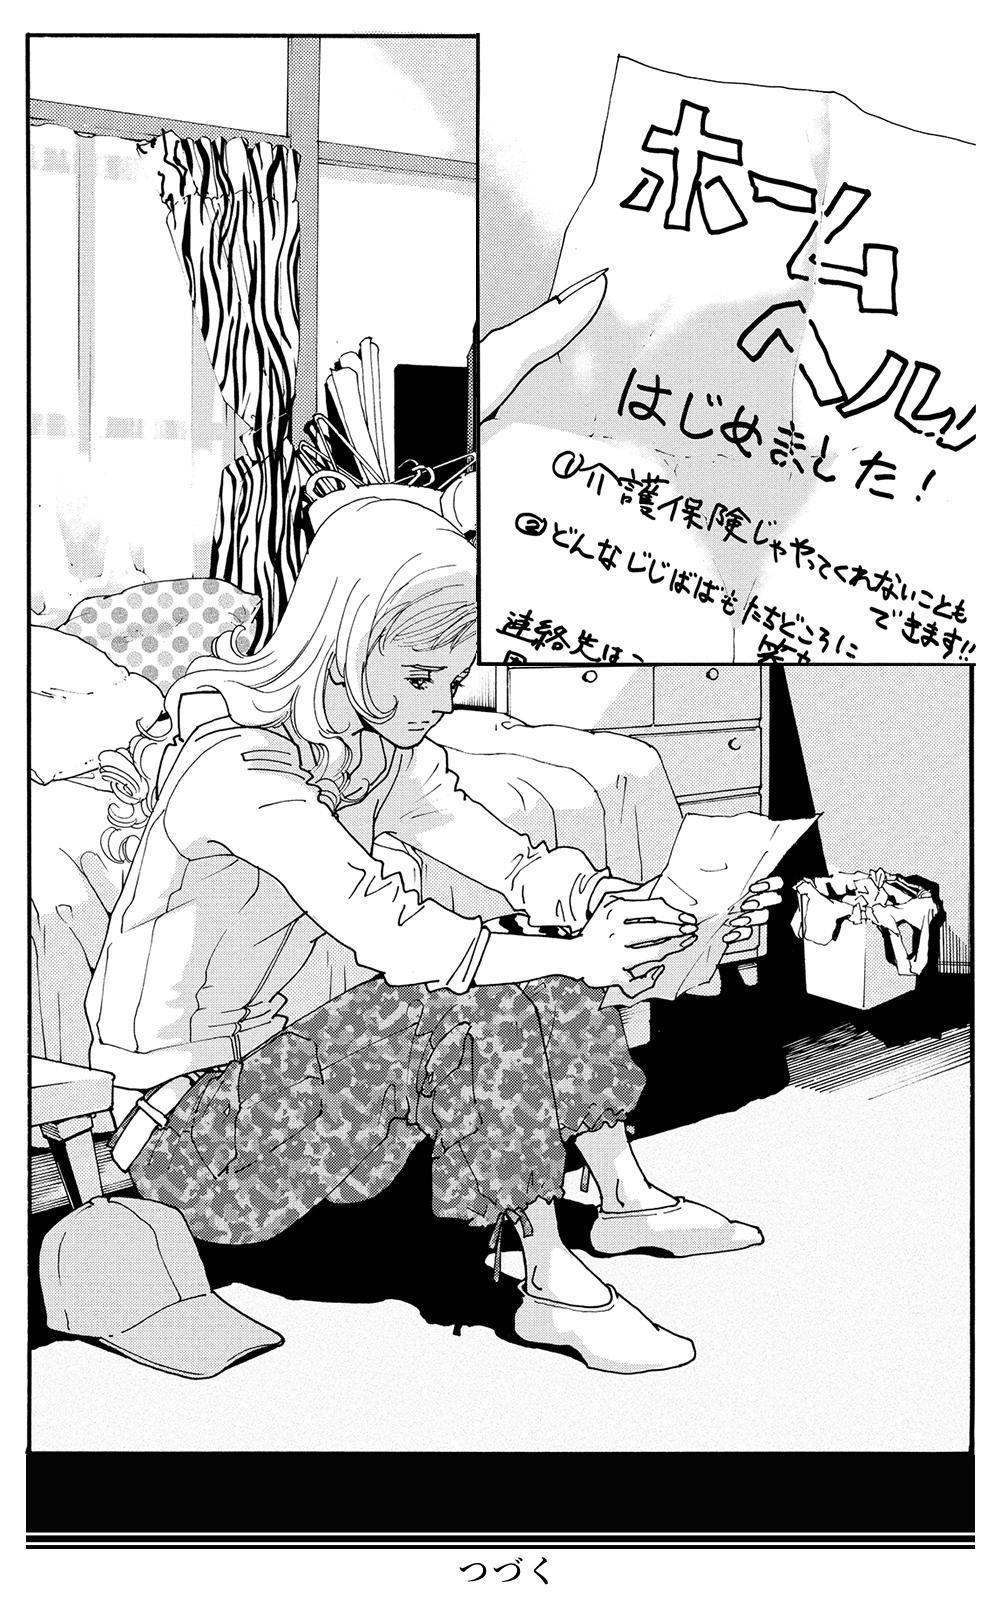 ヘルプマン!! 第1話「フリー介護士現る!」more.jpg